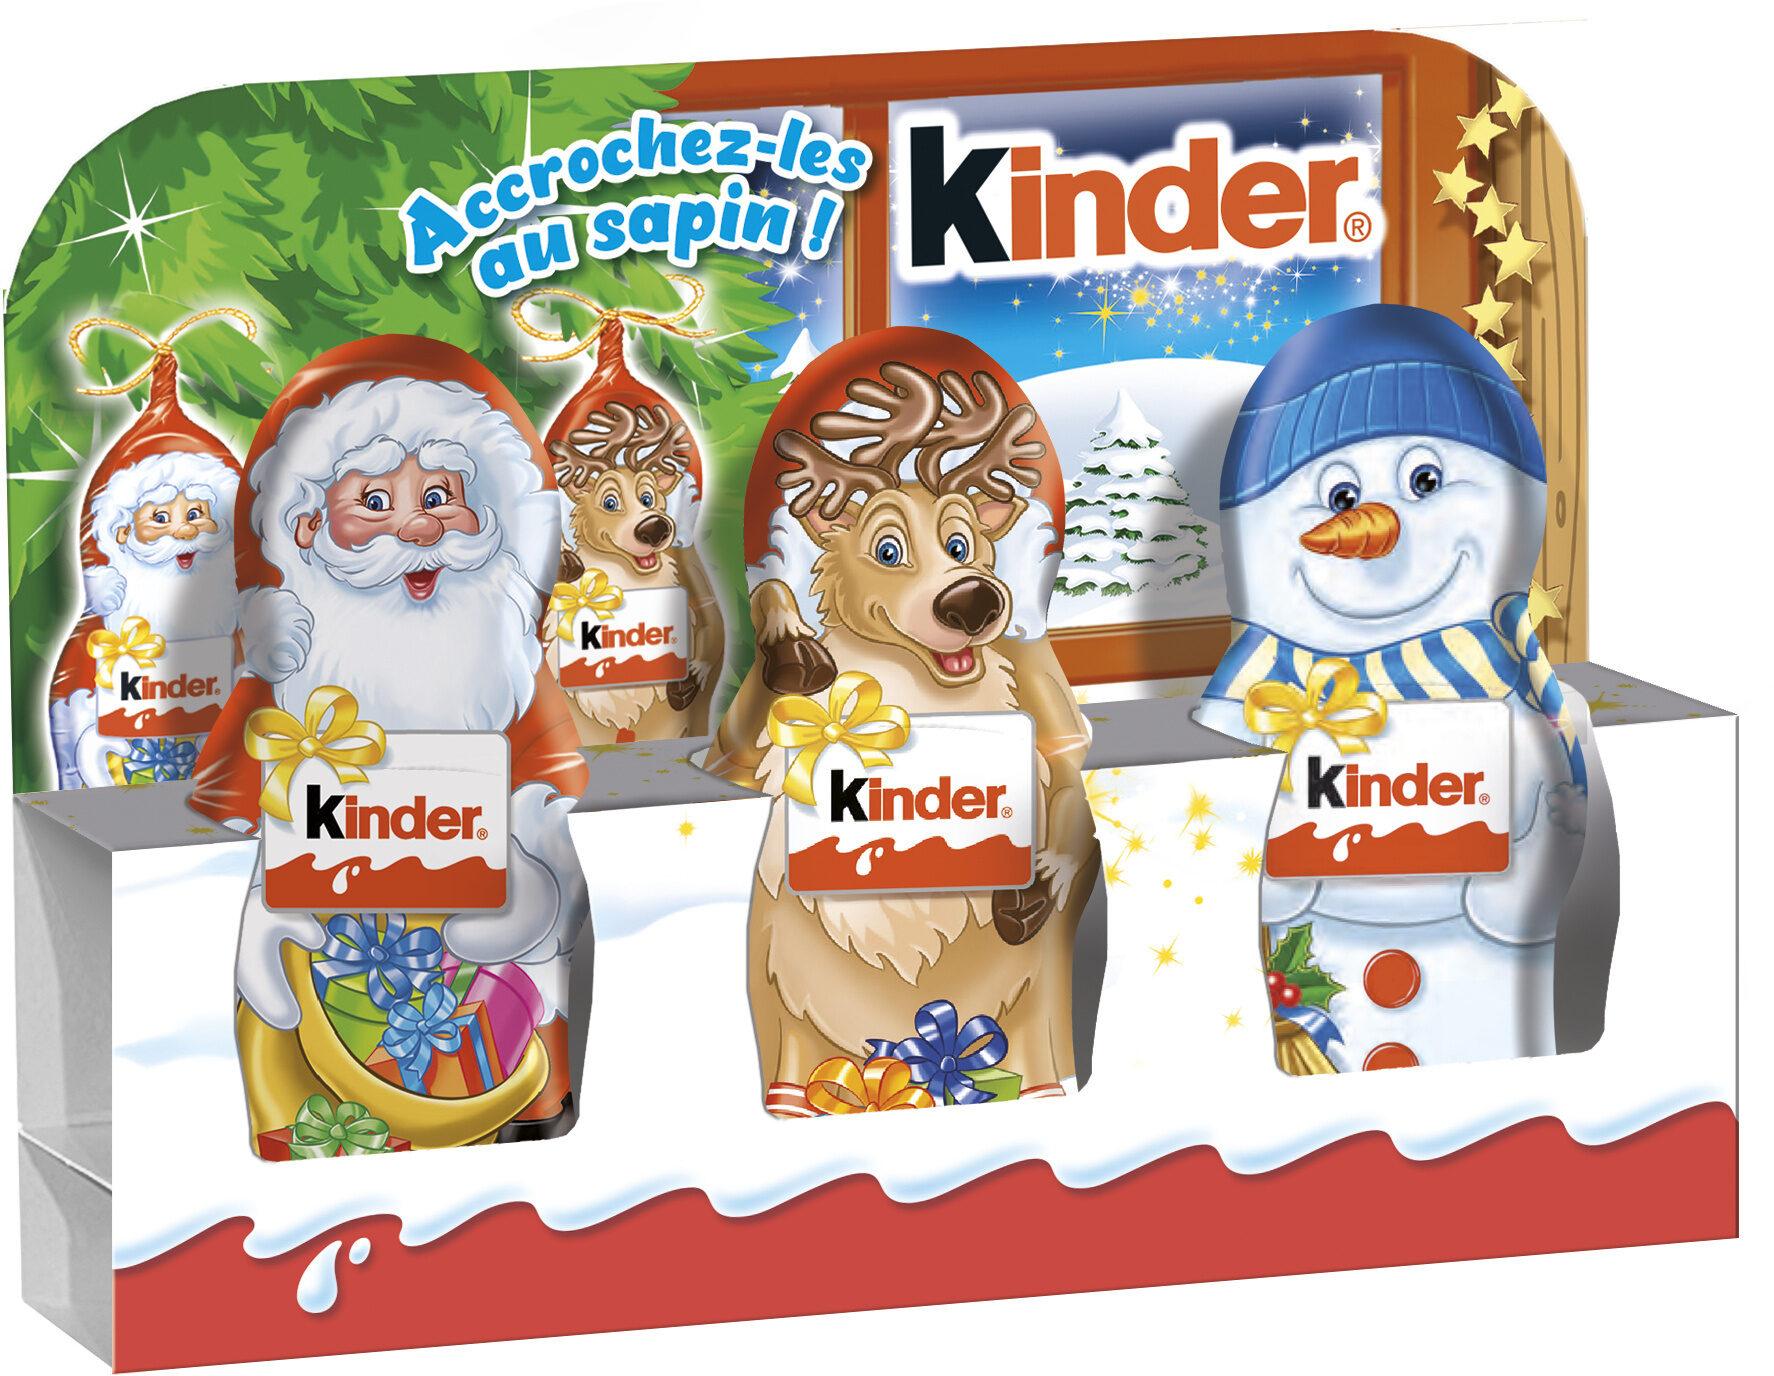 Kinder mini moulage confiserie en forme de personnage recouverte de chocolat superieur au lait - Prodotto - fr